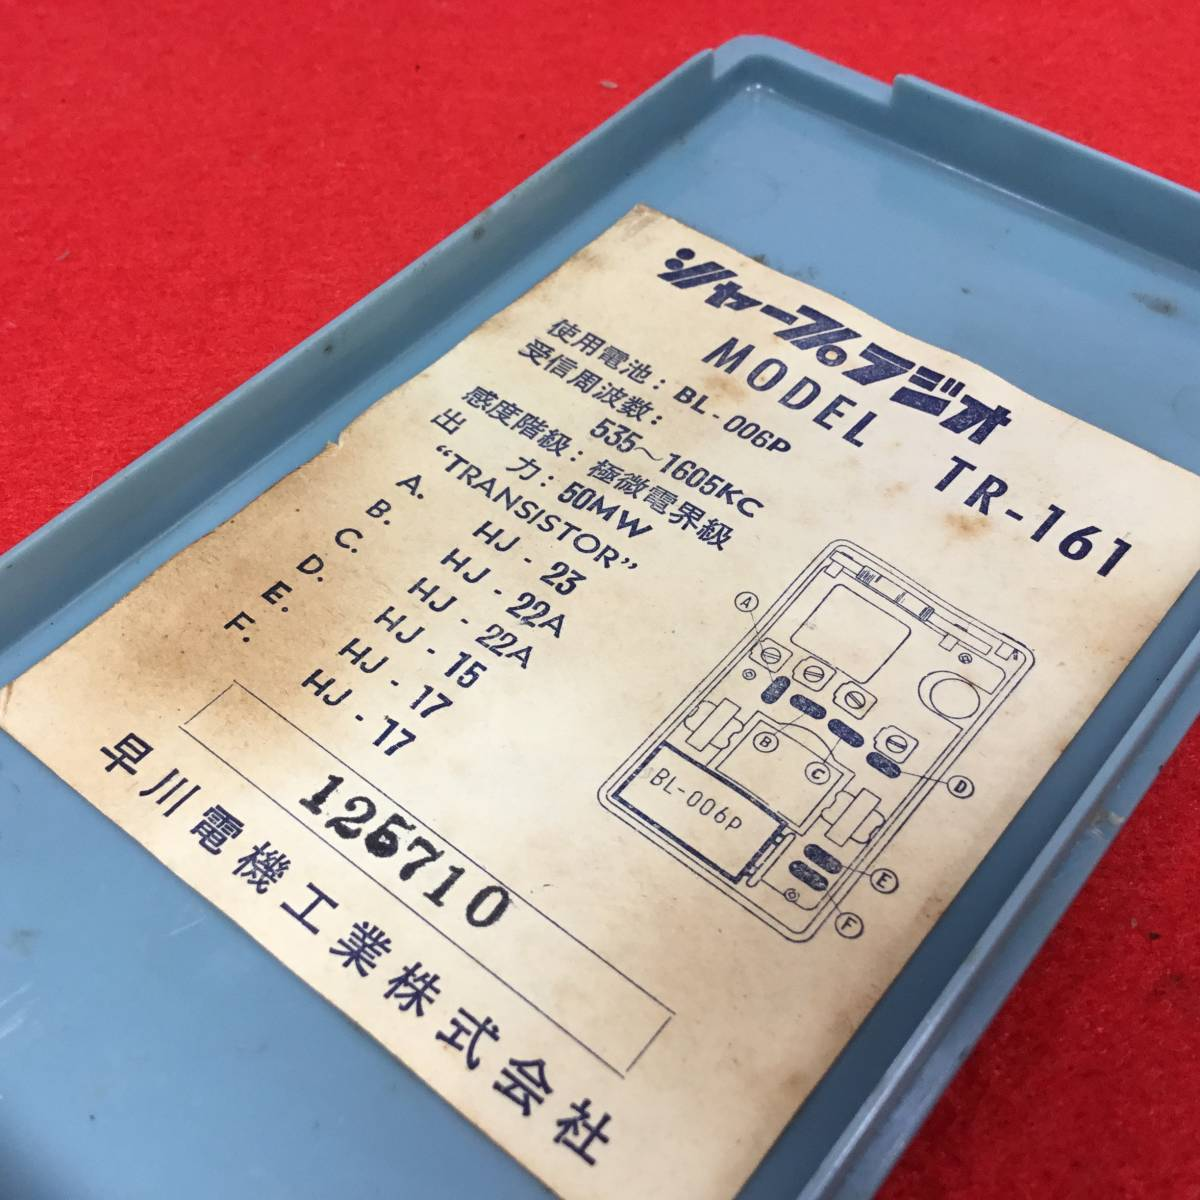 昭和 レトロ シャープ SHARP 早川電機 初期 6石 トランジスタラジオ TR-161 革カバー付き_画像7